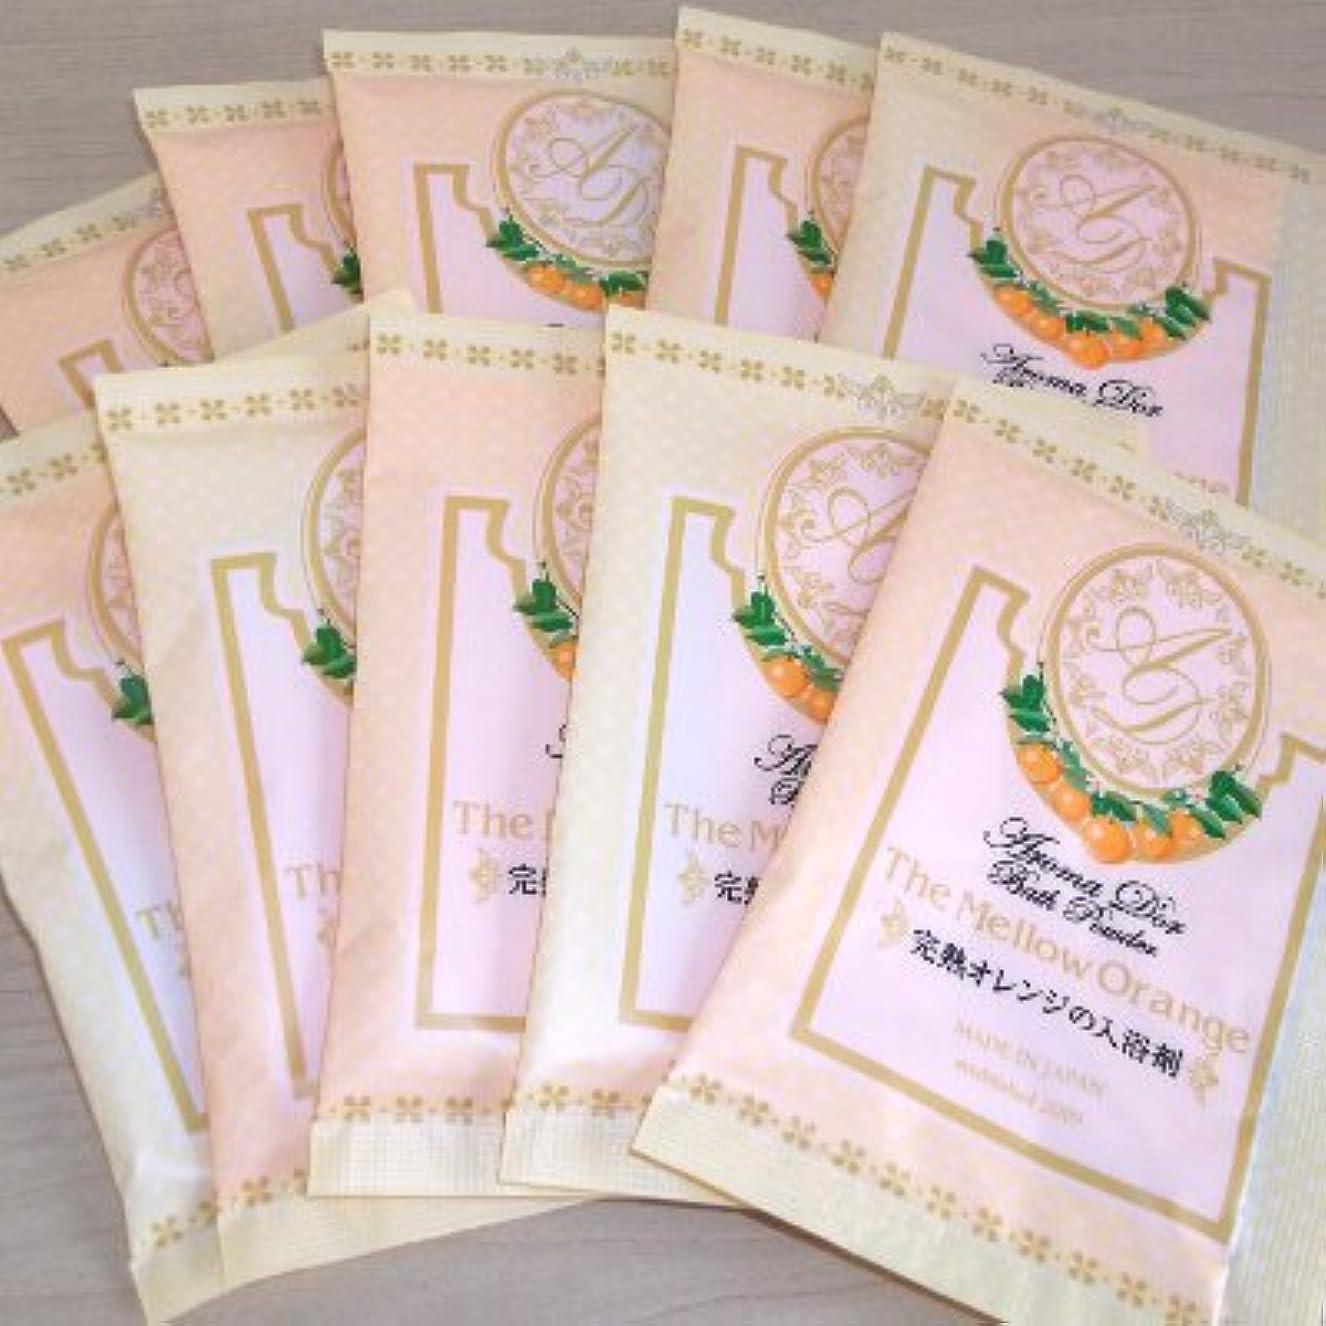 スーツ試みバイオレットアロマドール 完熟オレンジの香り 10包セット